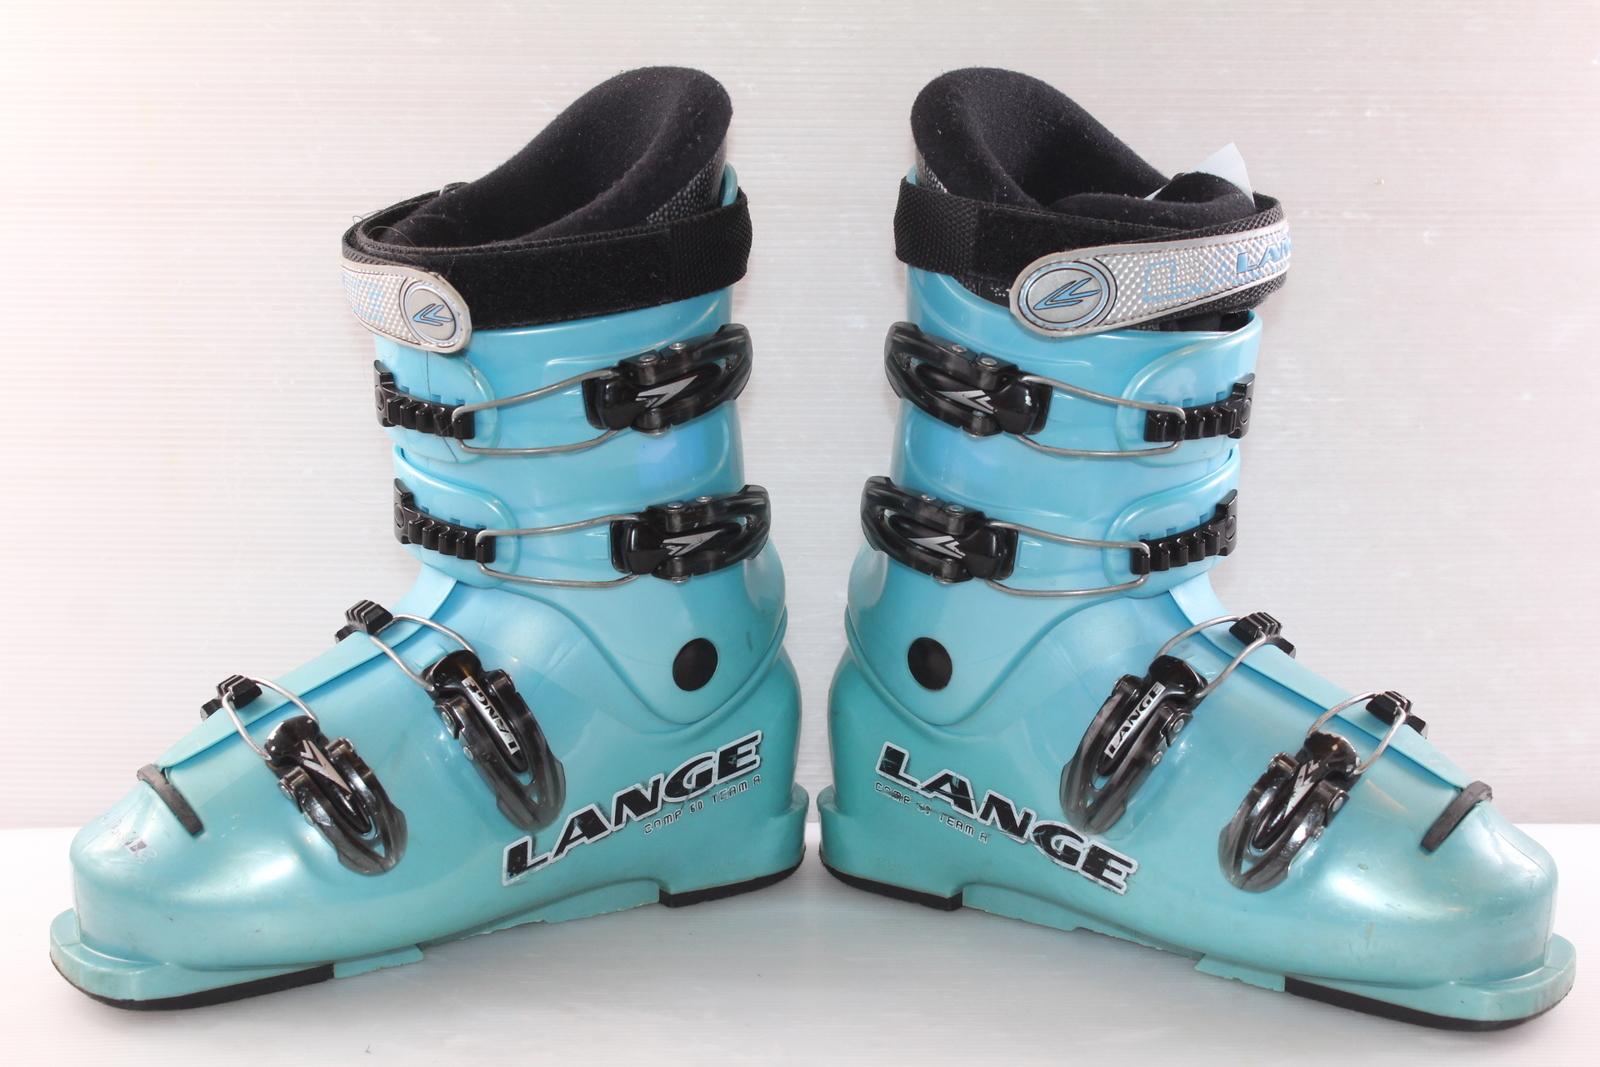 Dětské lyžáky Lange Comp 60 Team vel. EU40